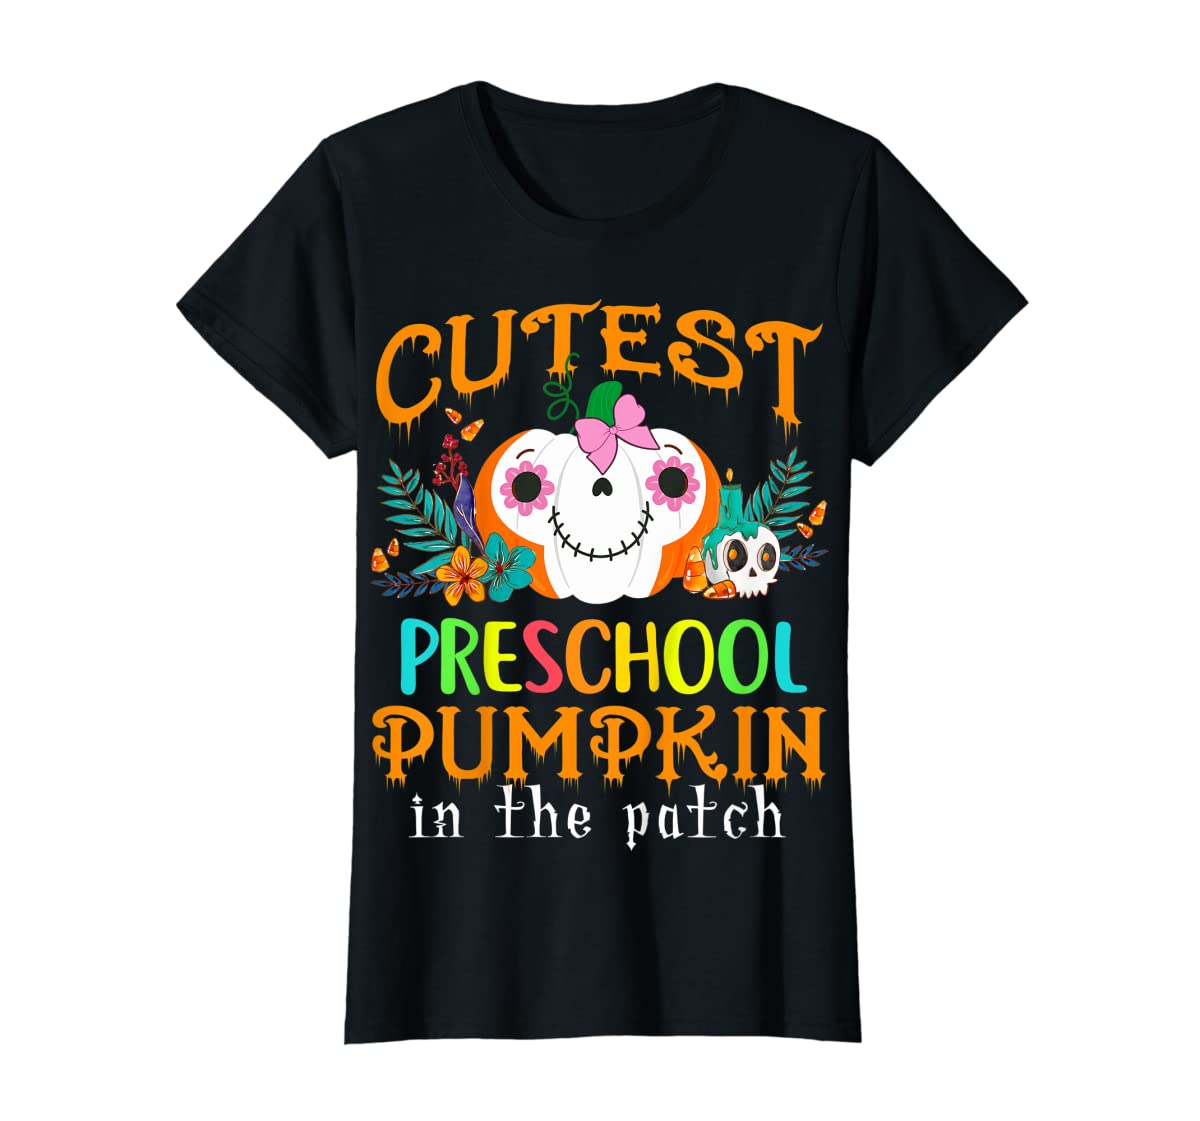 Kids Cutest Preschool Pumpkin In The Patch Halloween Costume Girl T-Shirt-Women's T-Shirt-Black